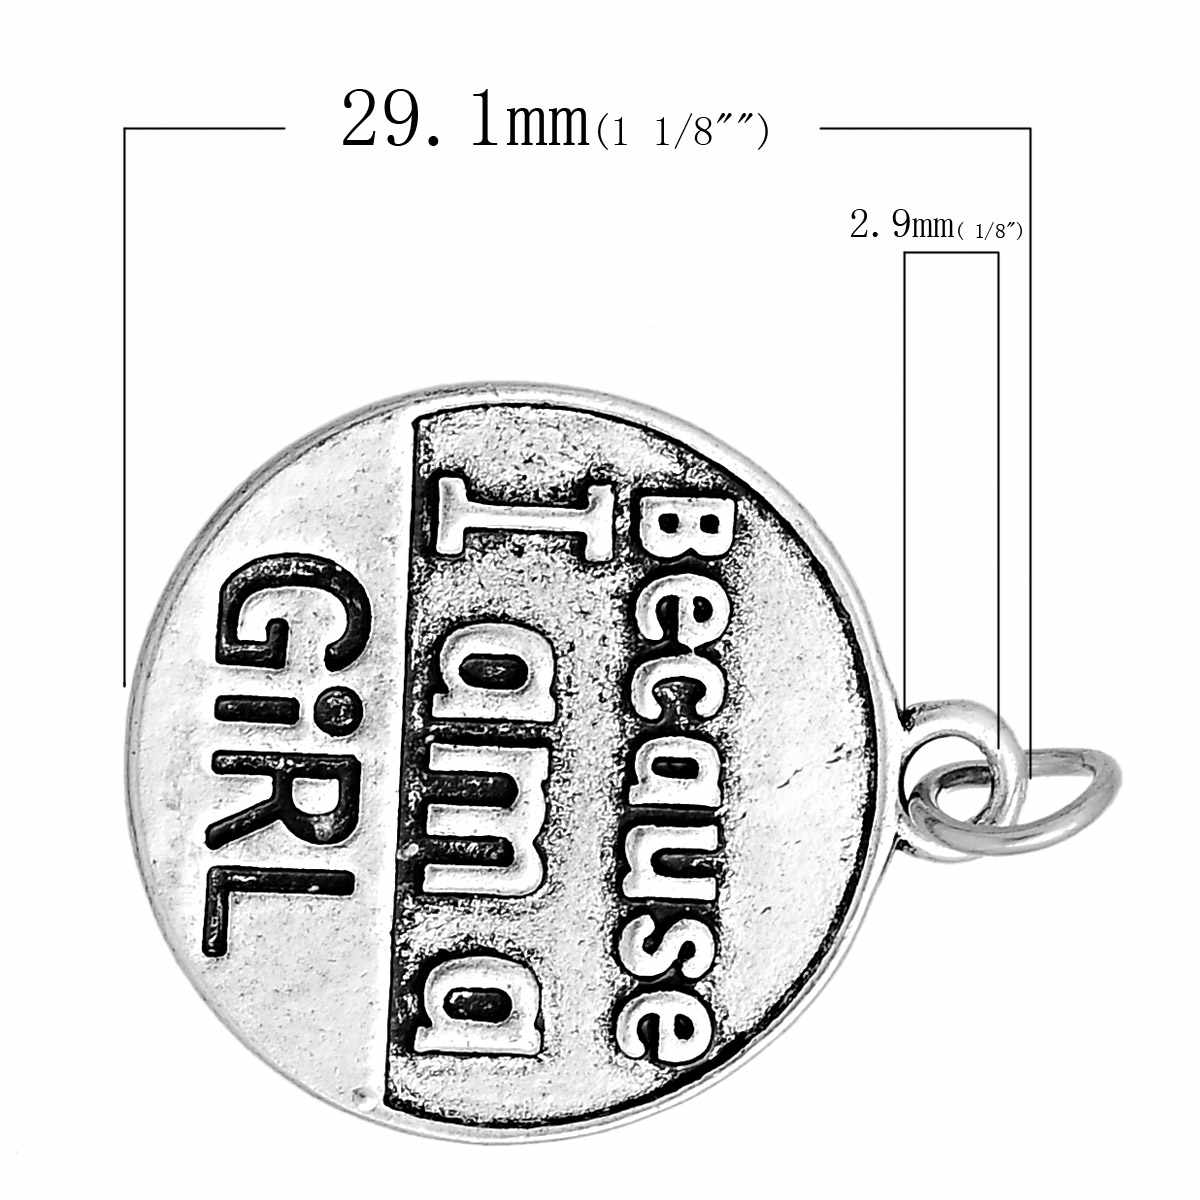 """Pingentes redondos do encanto da liga do metal do zinco teste padrão antigo da mensagem da cor de prata """"porque eu sou uma menina"""" 29.1mm x 24.5mm, 1 pc"""